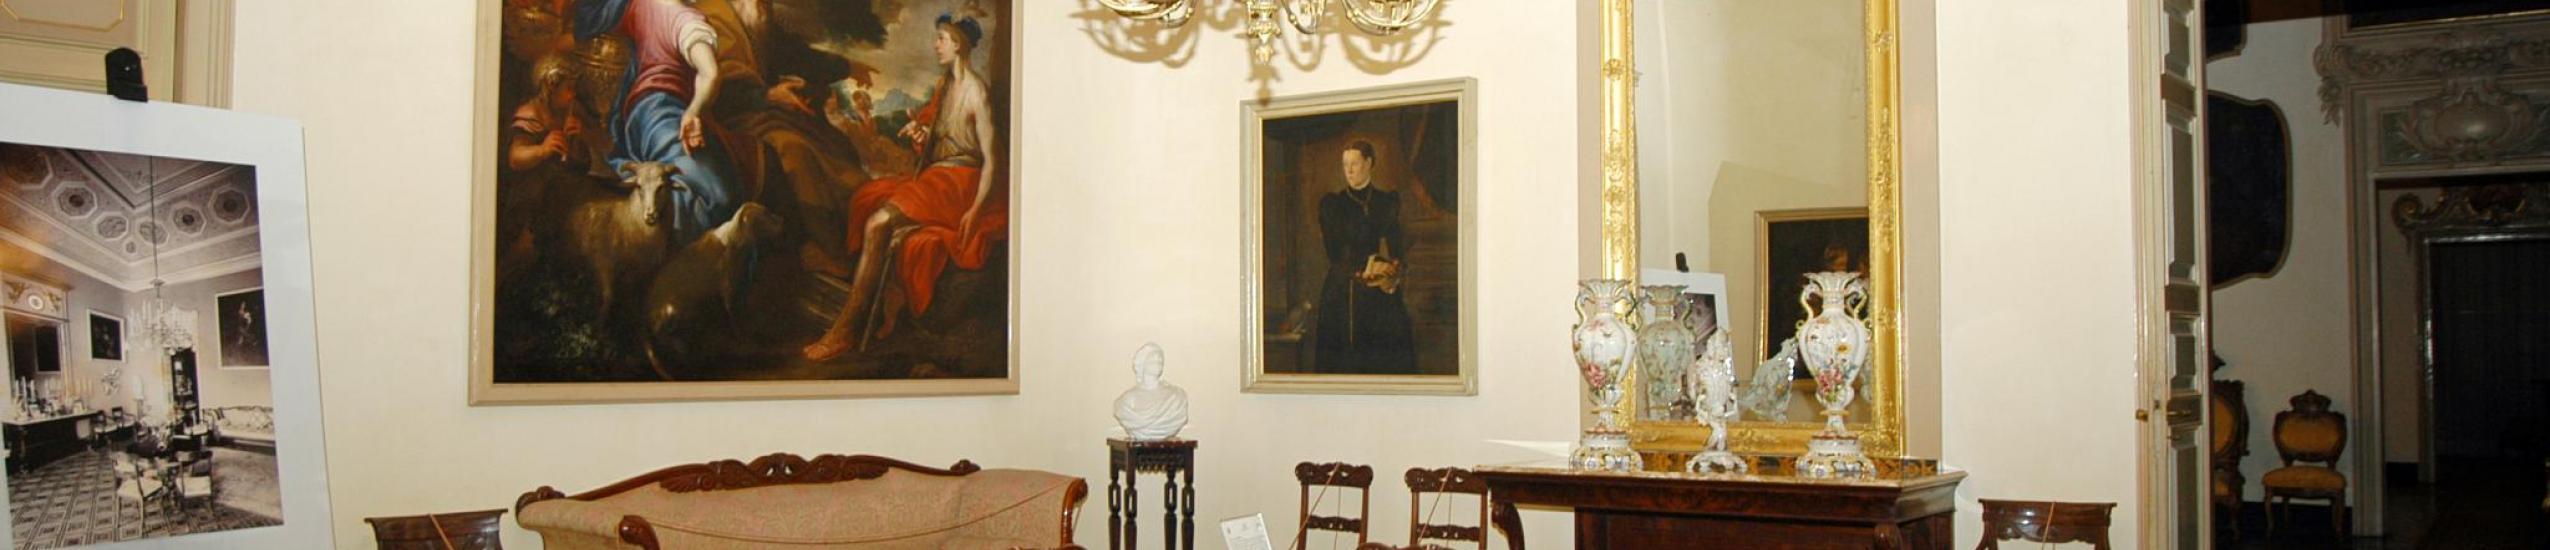 galleria civica di palazzo rocca